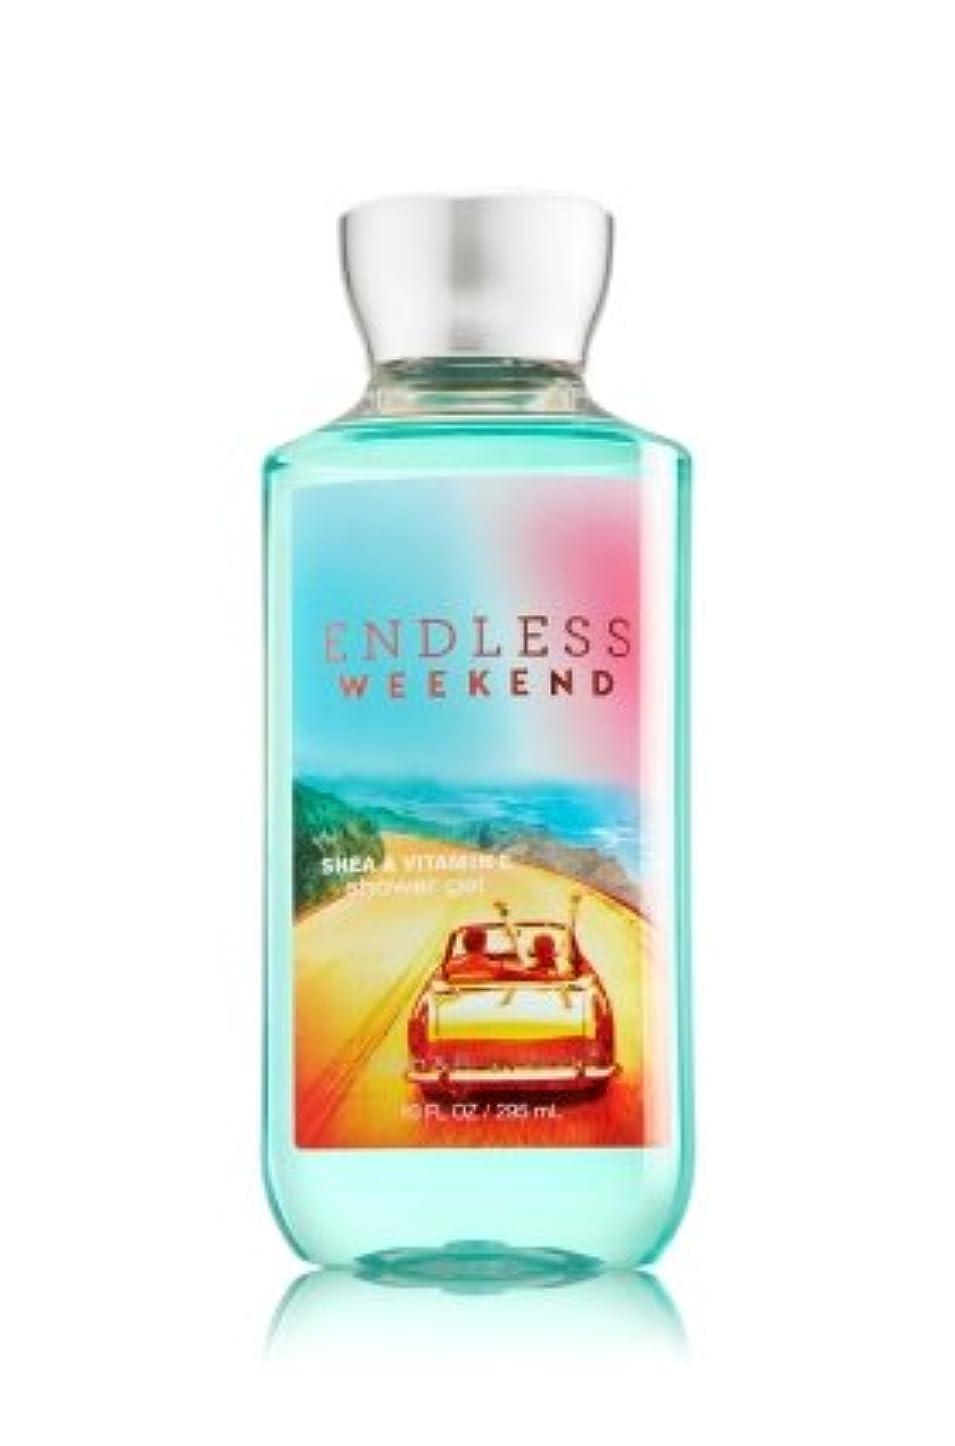 圧縮されたマニフェスト変換【Bath&Body Works/バス&ボディワークス】 シャワージェル エンドレスウィークエンド Shower Gel Endless Weekend 10 fl oz / 295 mL [並行輸入品]